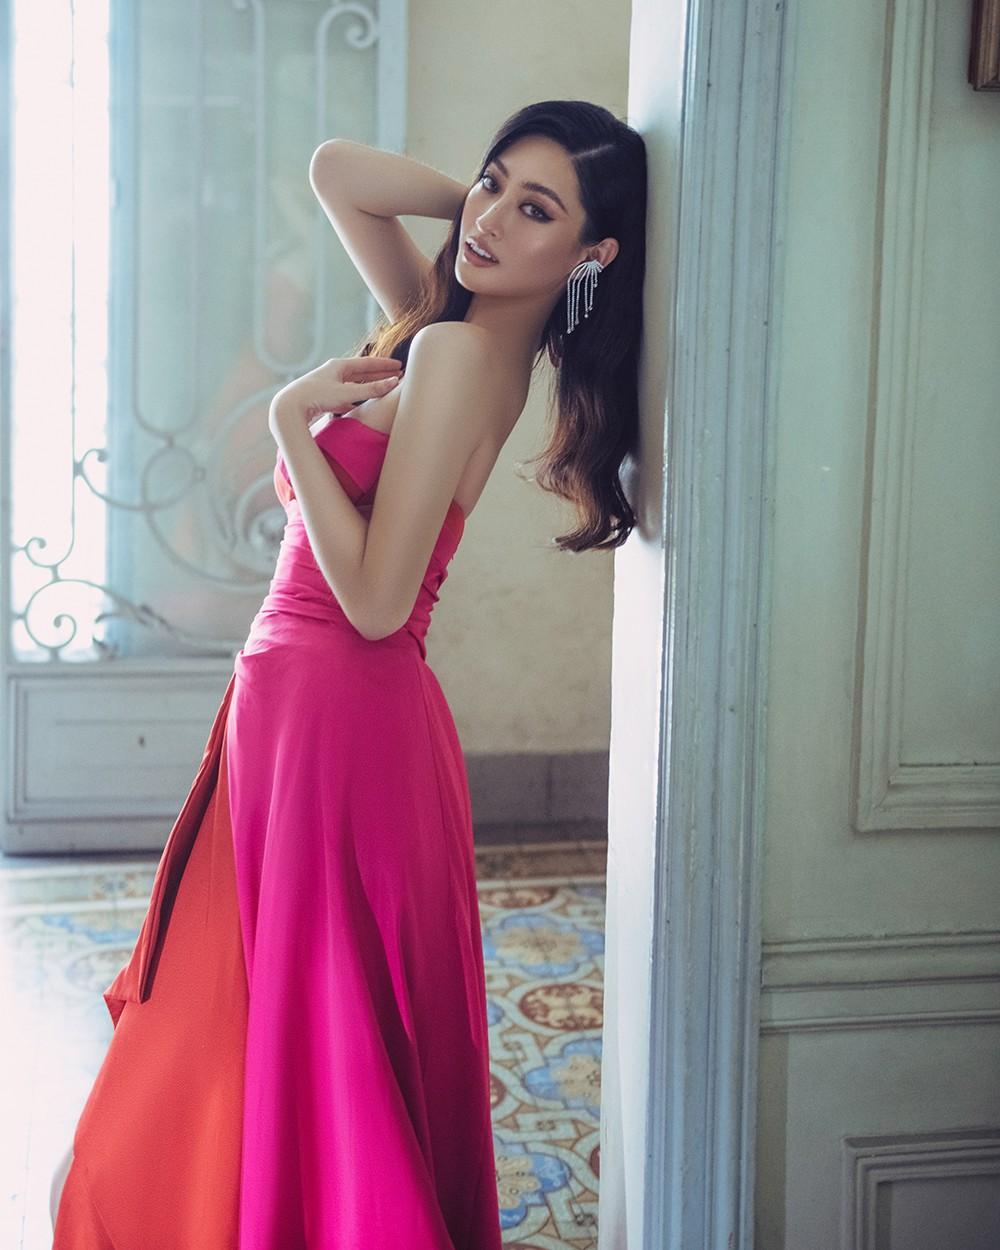 Body nuột nà và đôi chân 'cực phẩm' 1m22 của Miss World Vietnam Lương Thùy Linh ảnh 1